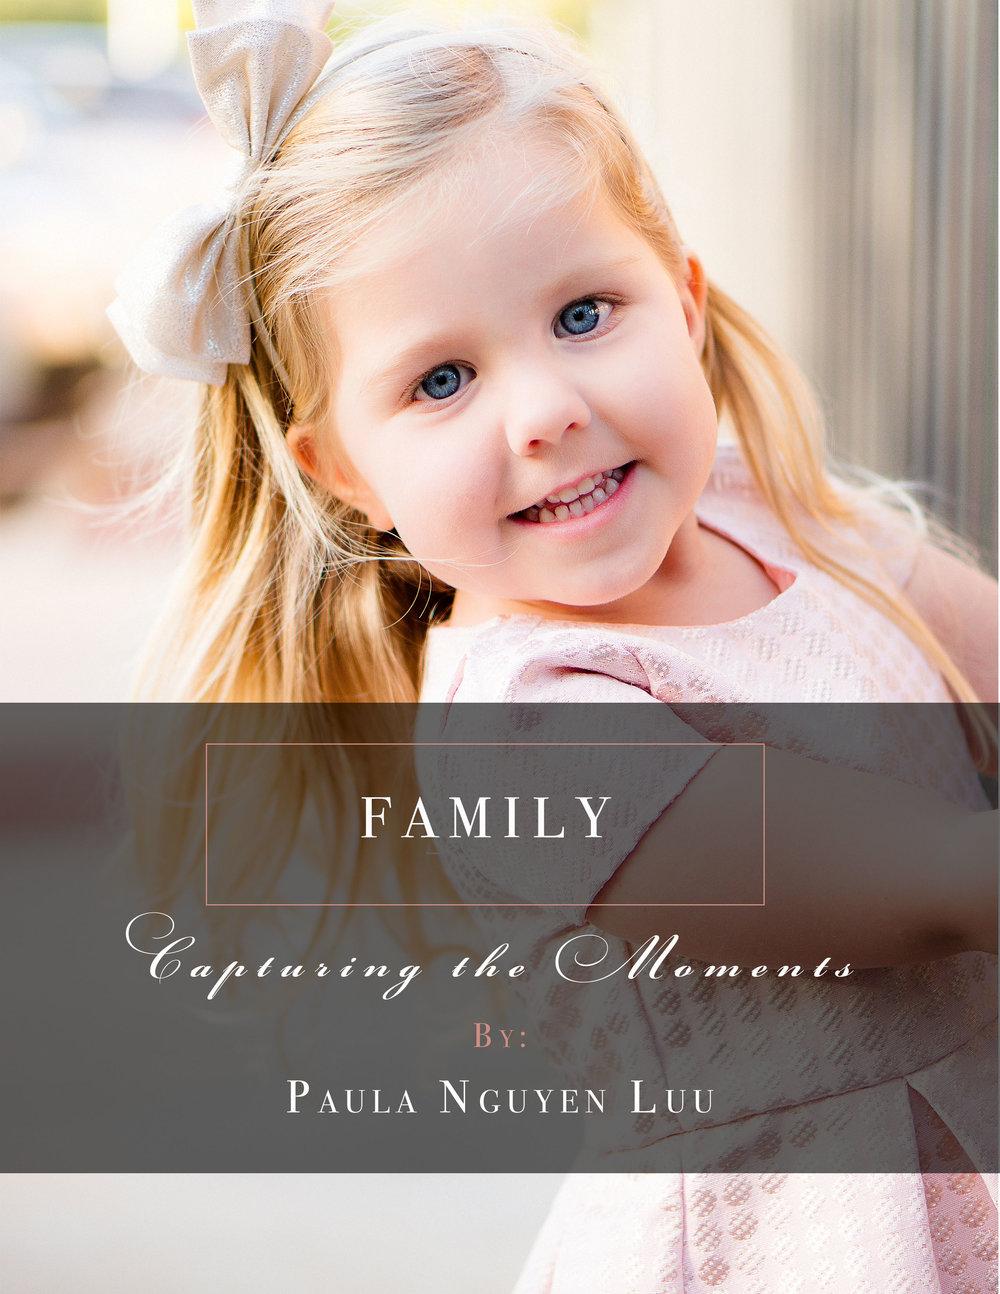 Familycover.jpg